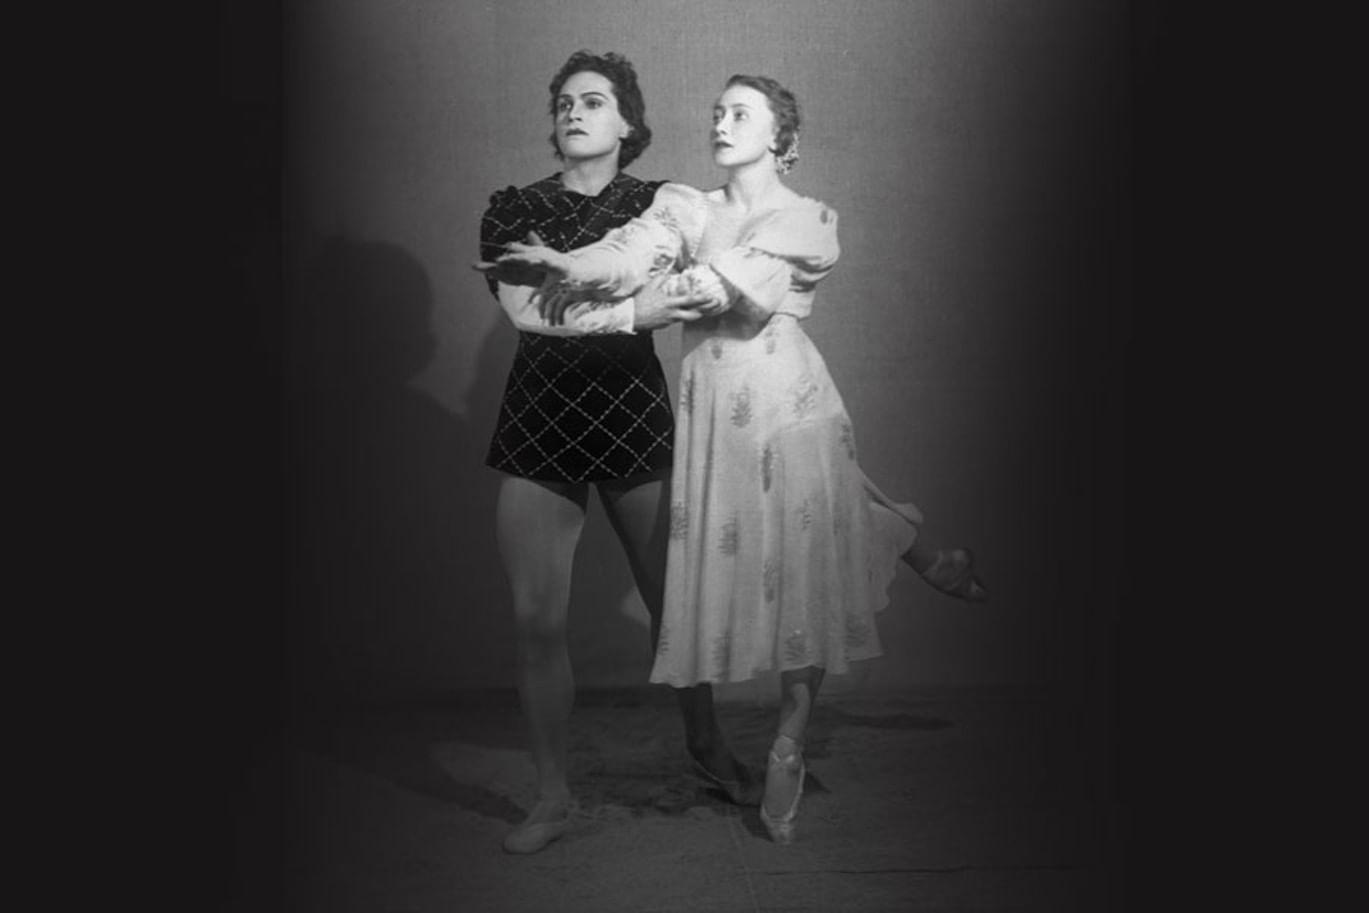 Балет «Ромео и Джульетта» Сергея Прокофьева. Большая драма и счастливый финал. Галерея 2